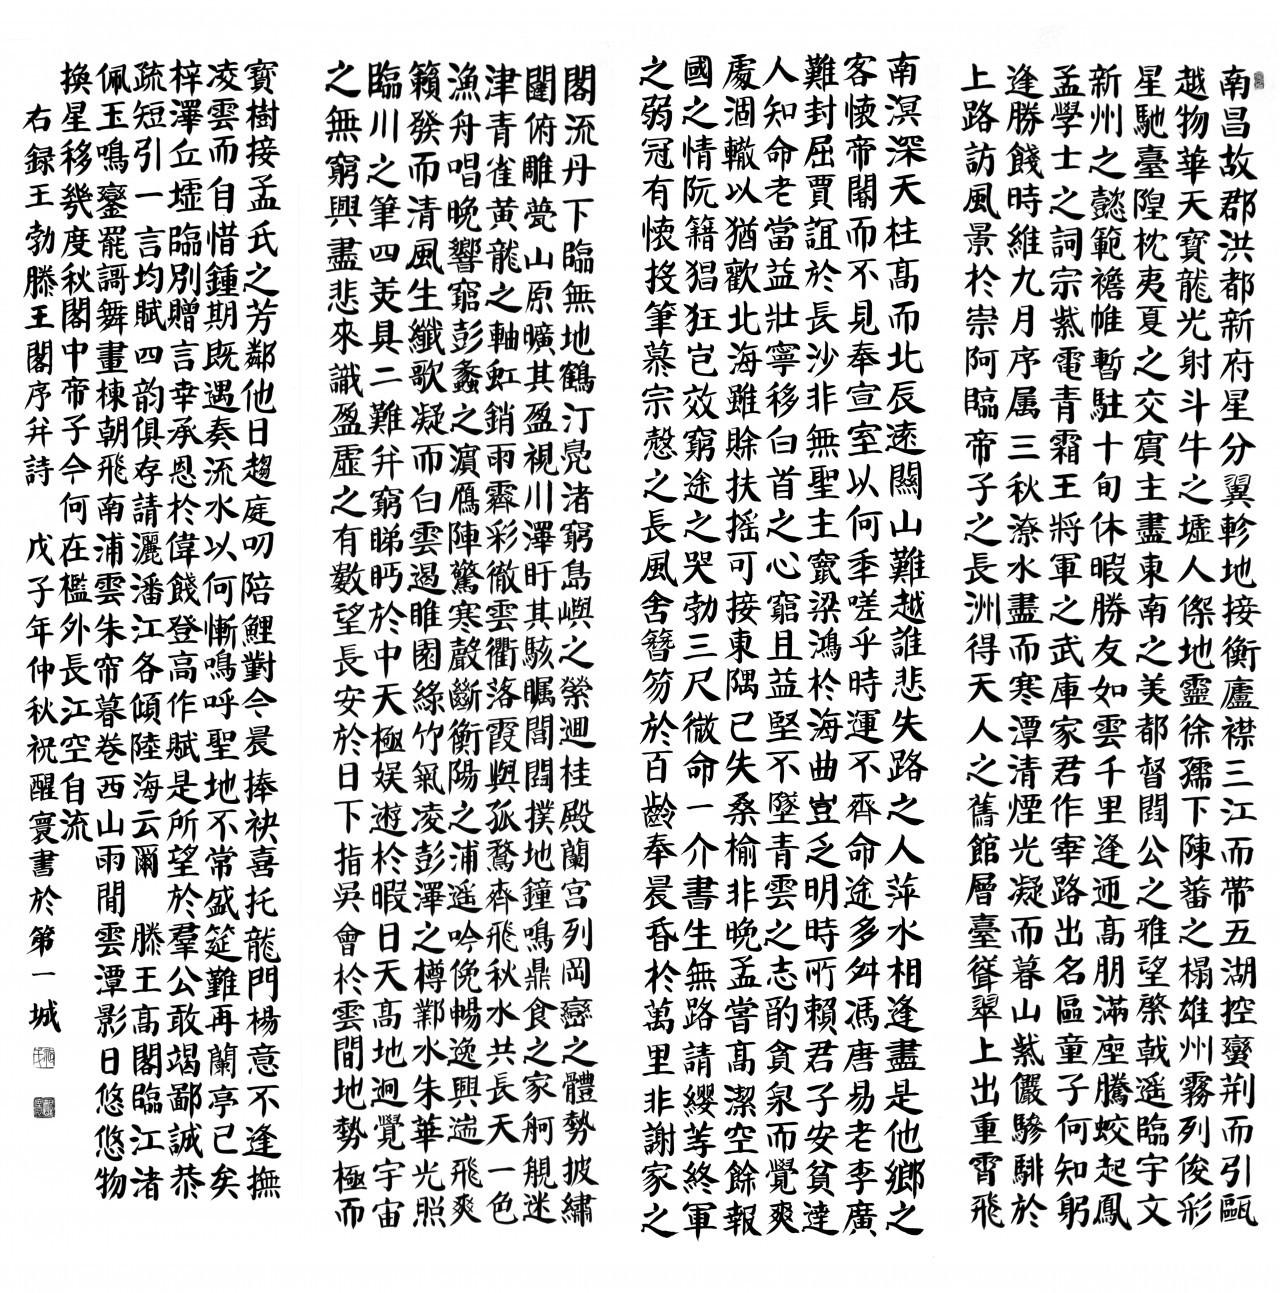 《秋日登洪府滕王阁饯别序》王勃文言文原文注释翻译